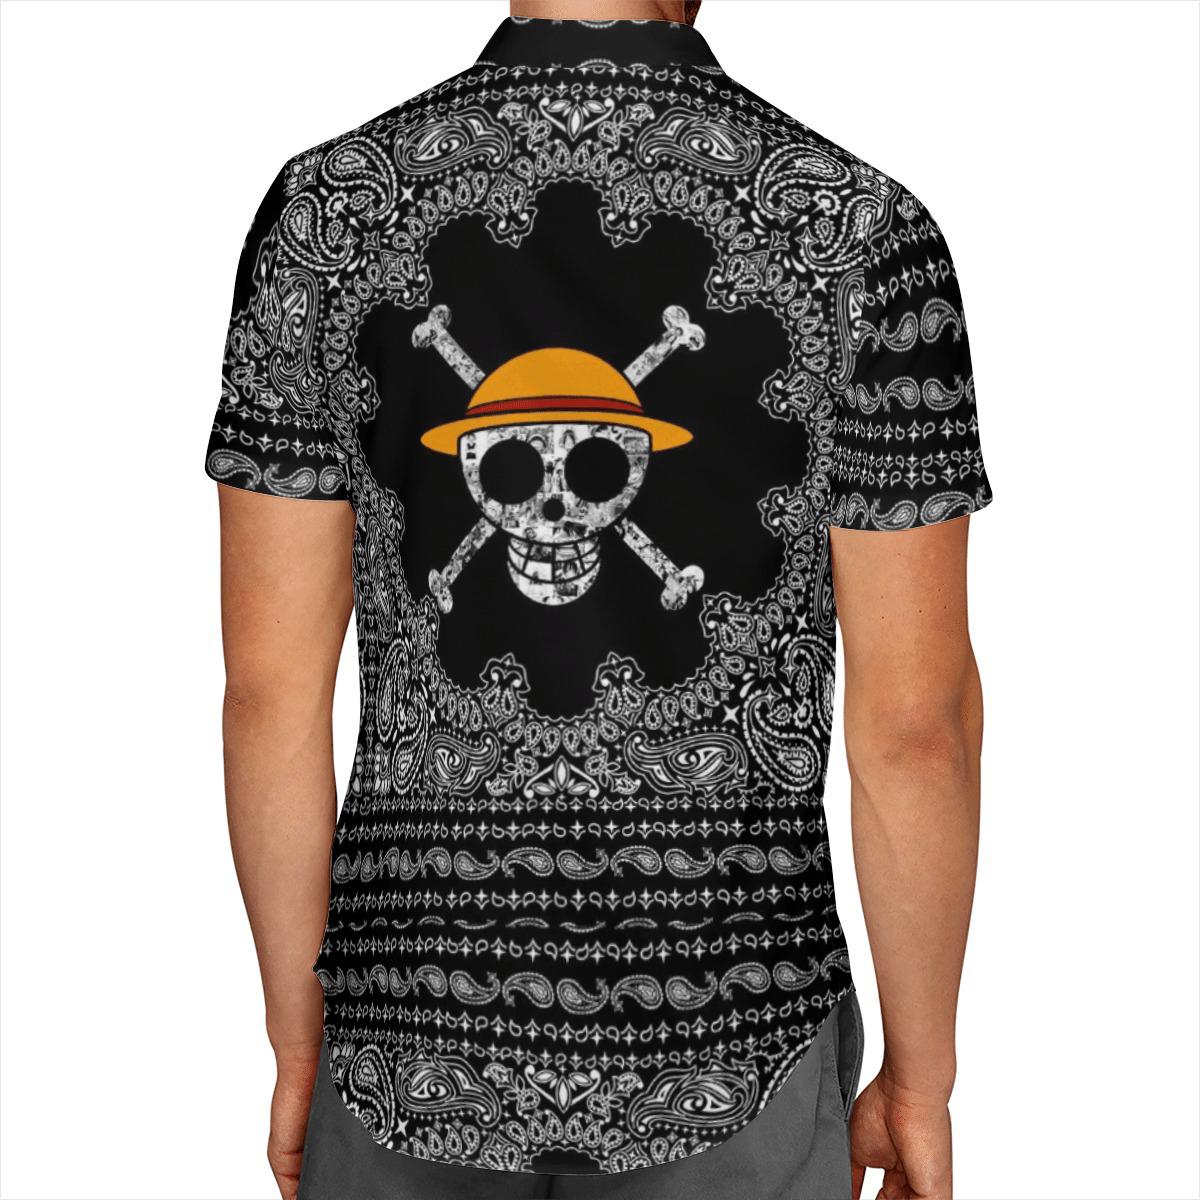 One Piece Monkey D.Luffy Skull Aloha Hawaiian Shirt And Short